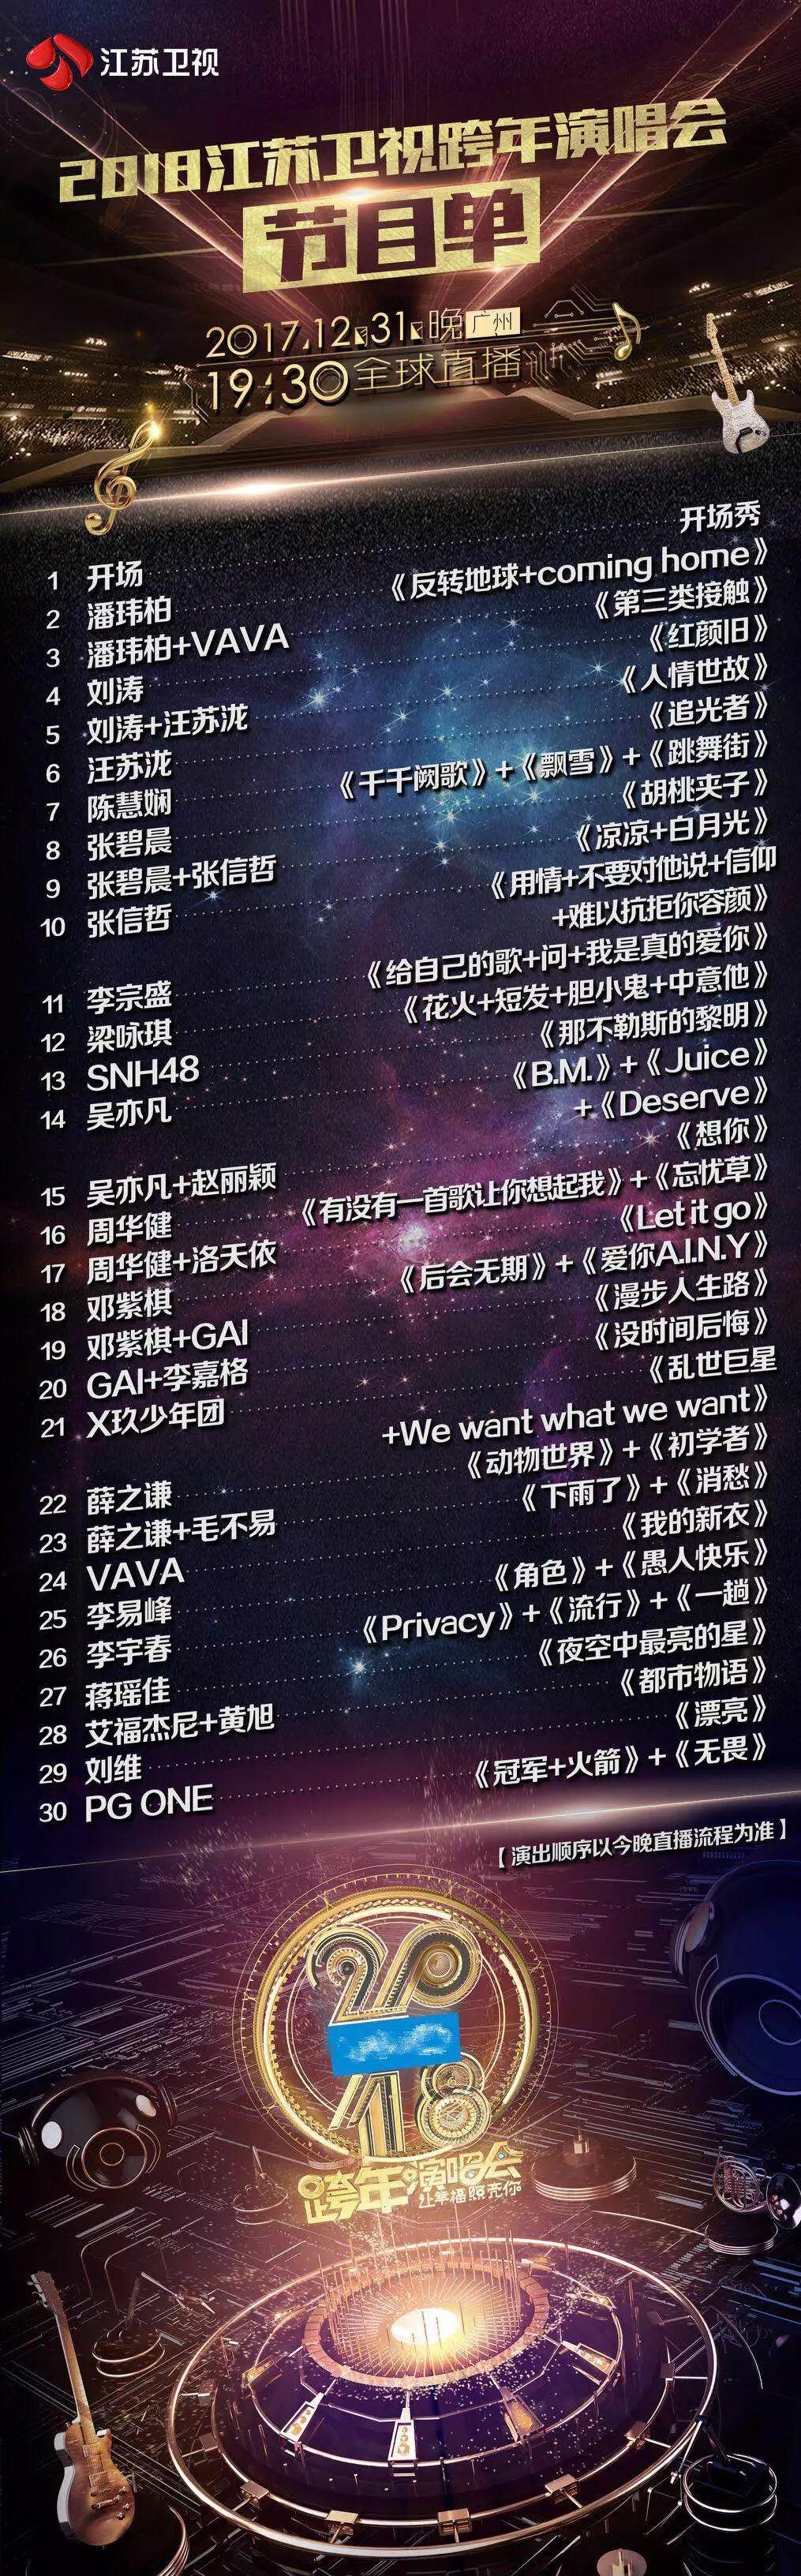 江苏卫视节目单_江苏卫视跨年演唱会节目单